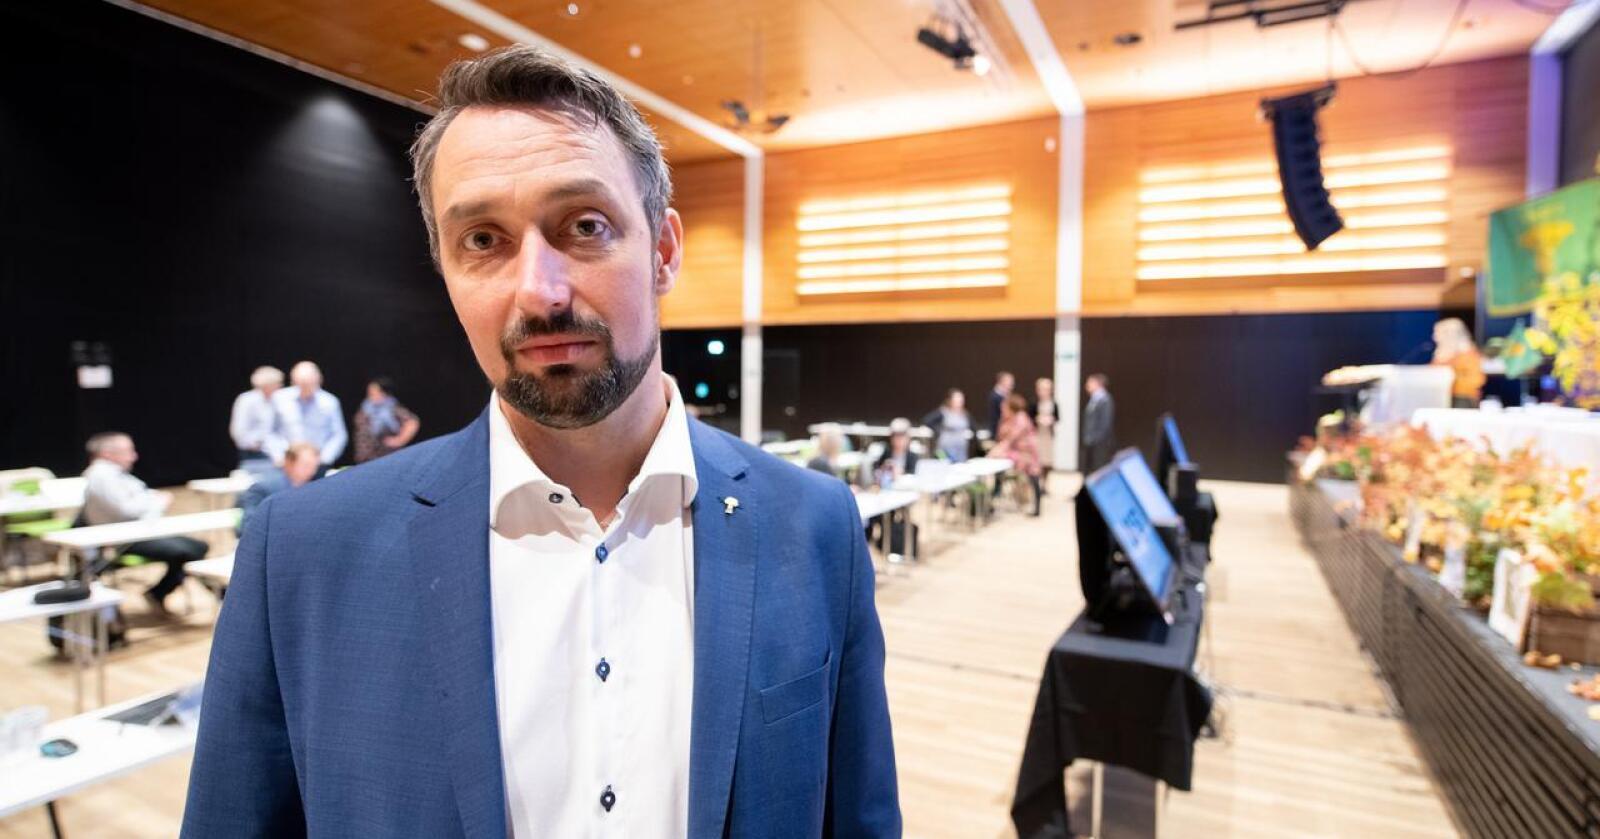 John-Erik Skjellnes Johansen styremedlem i Norges Bondelag fra Nordland er misfornøyd med at de ikke blir gitt fellingstilltaelse på flere bjørner i Nord. Foto: Vidar Sandnes